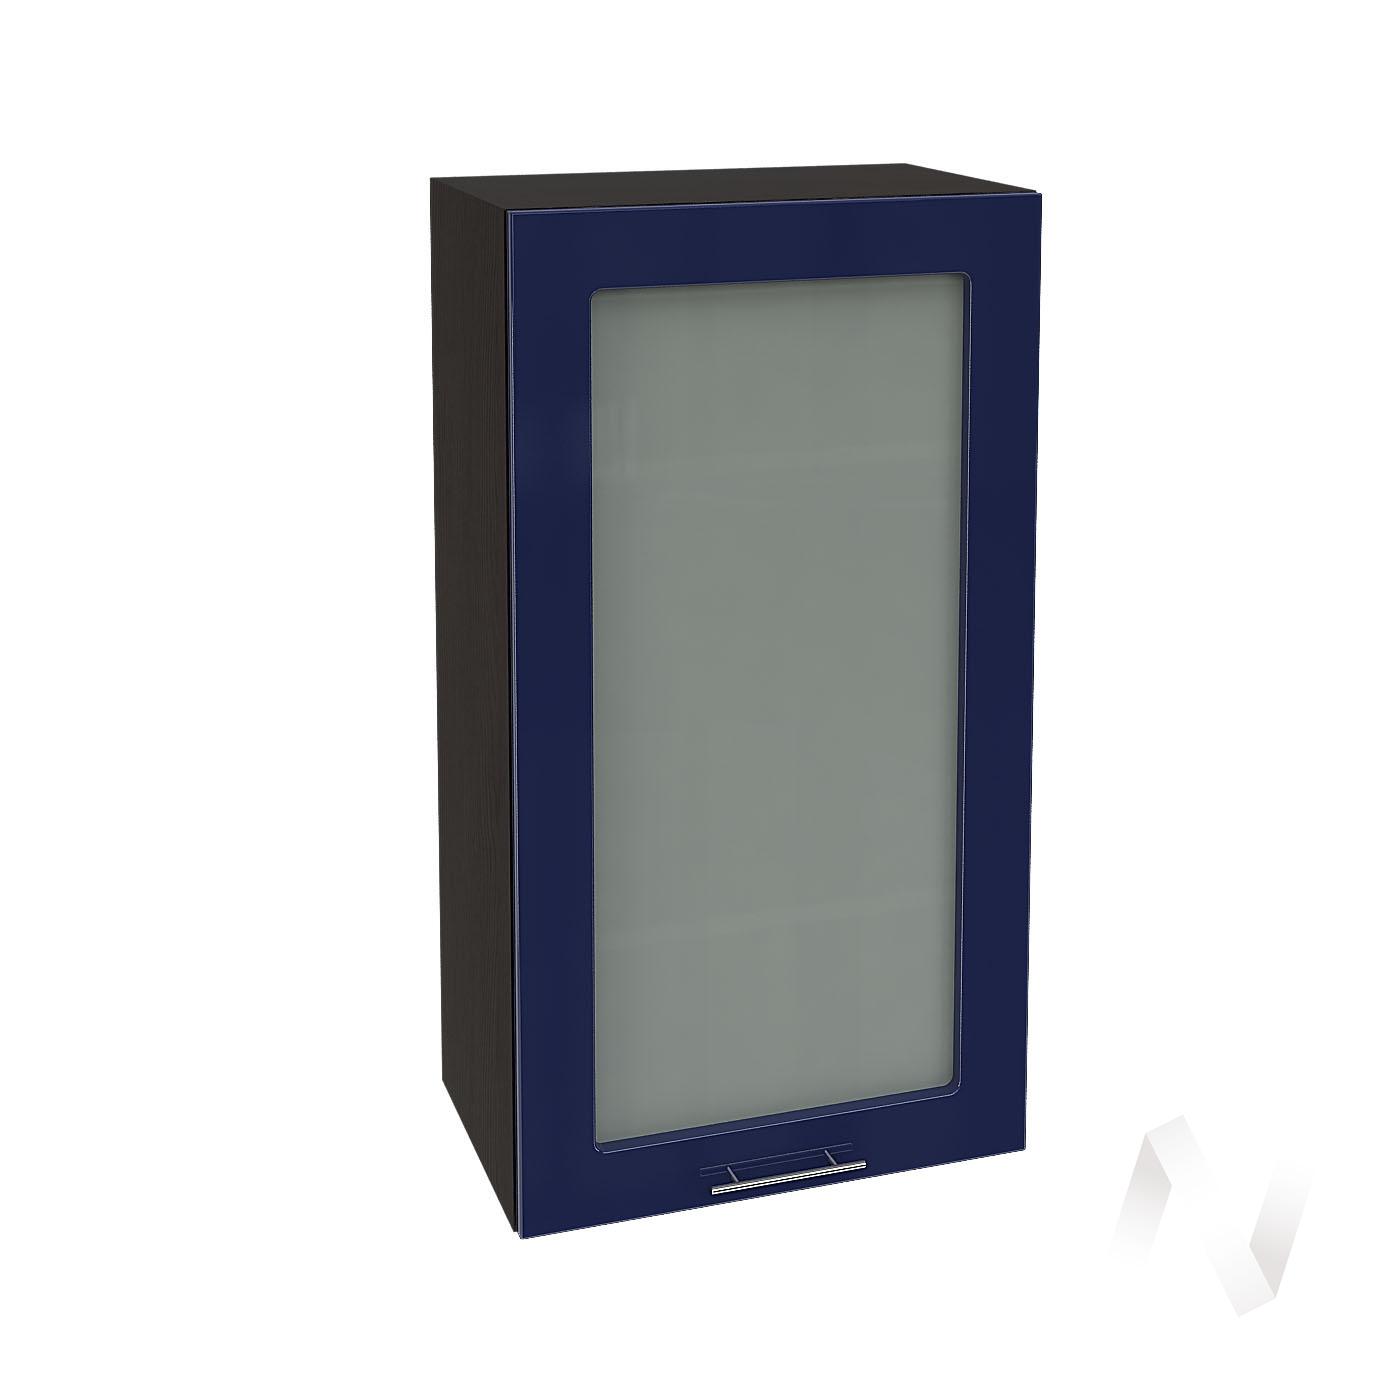 """Кухня """"Валерия-М"""": Шкаф верхний со стеклом 509, ШВС 509 (Синий глянец/корпус венге)"""